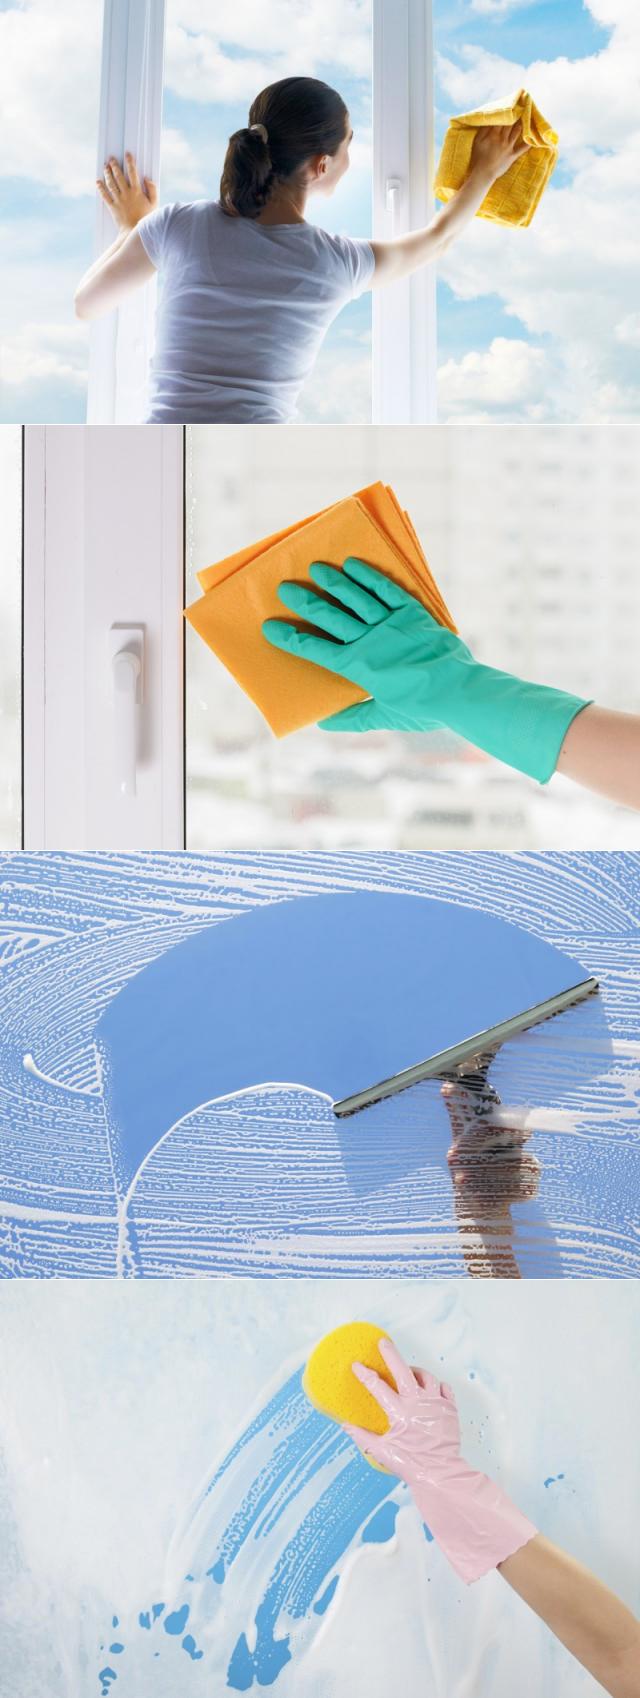 До блеска: как мыть окна, чтоб не оставалось разводов